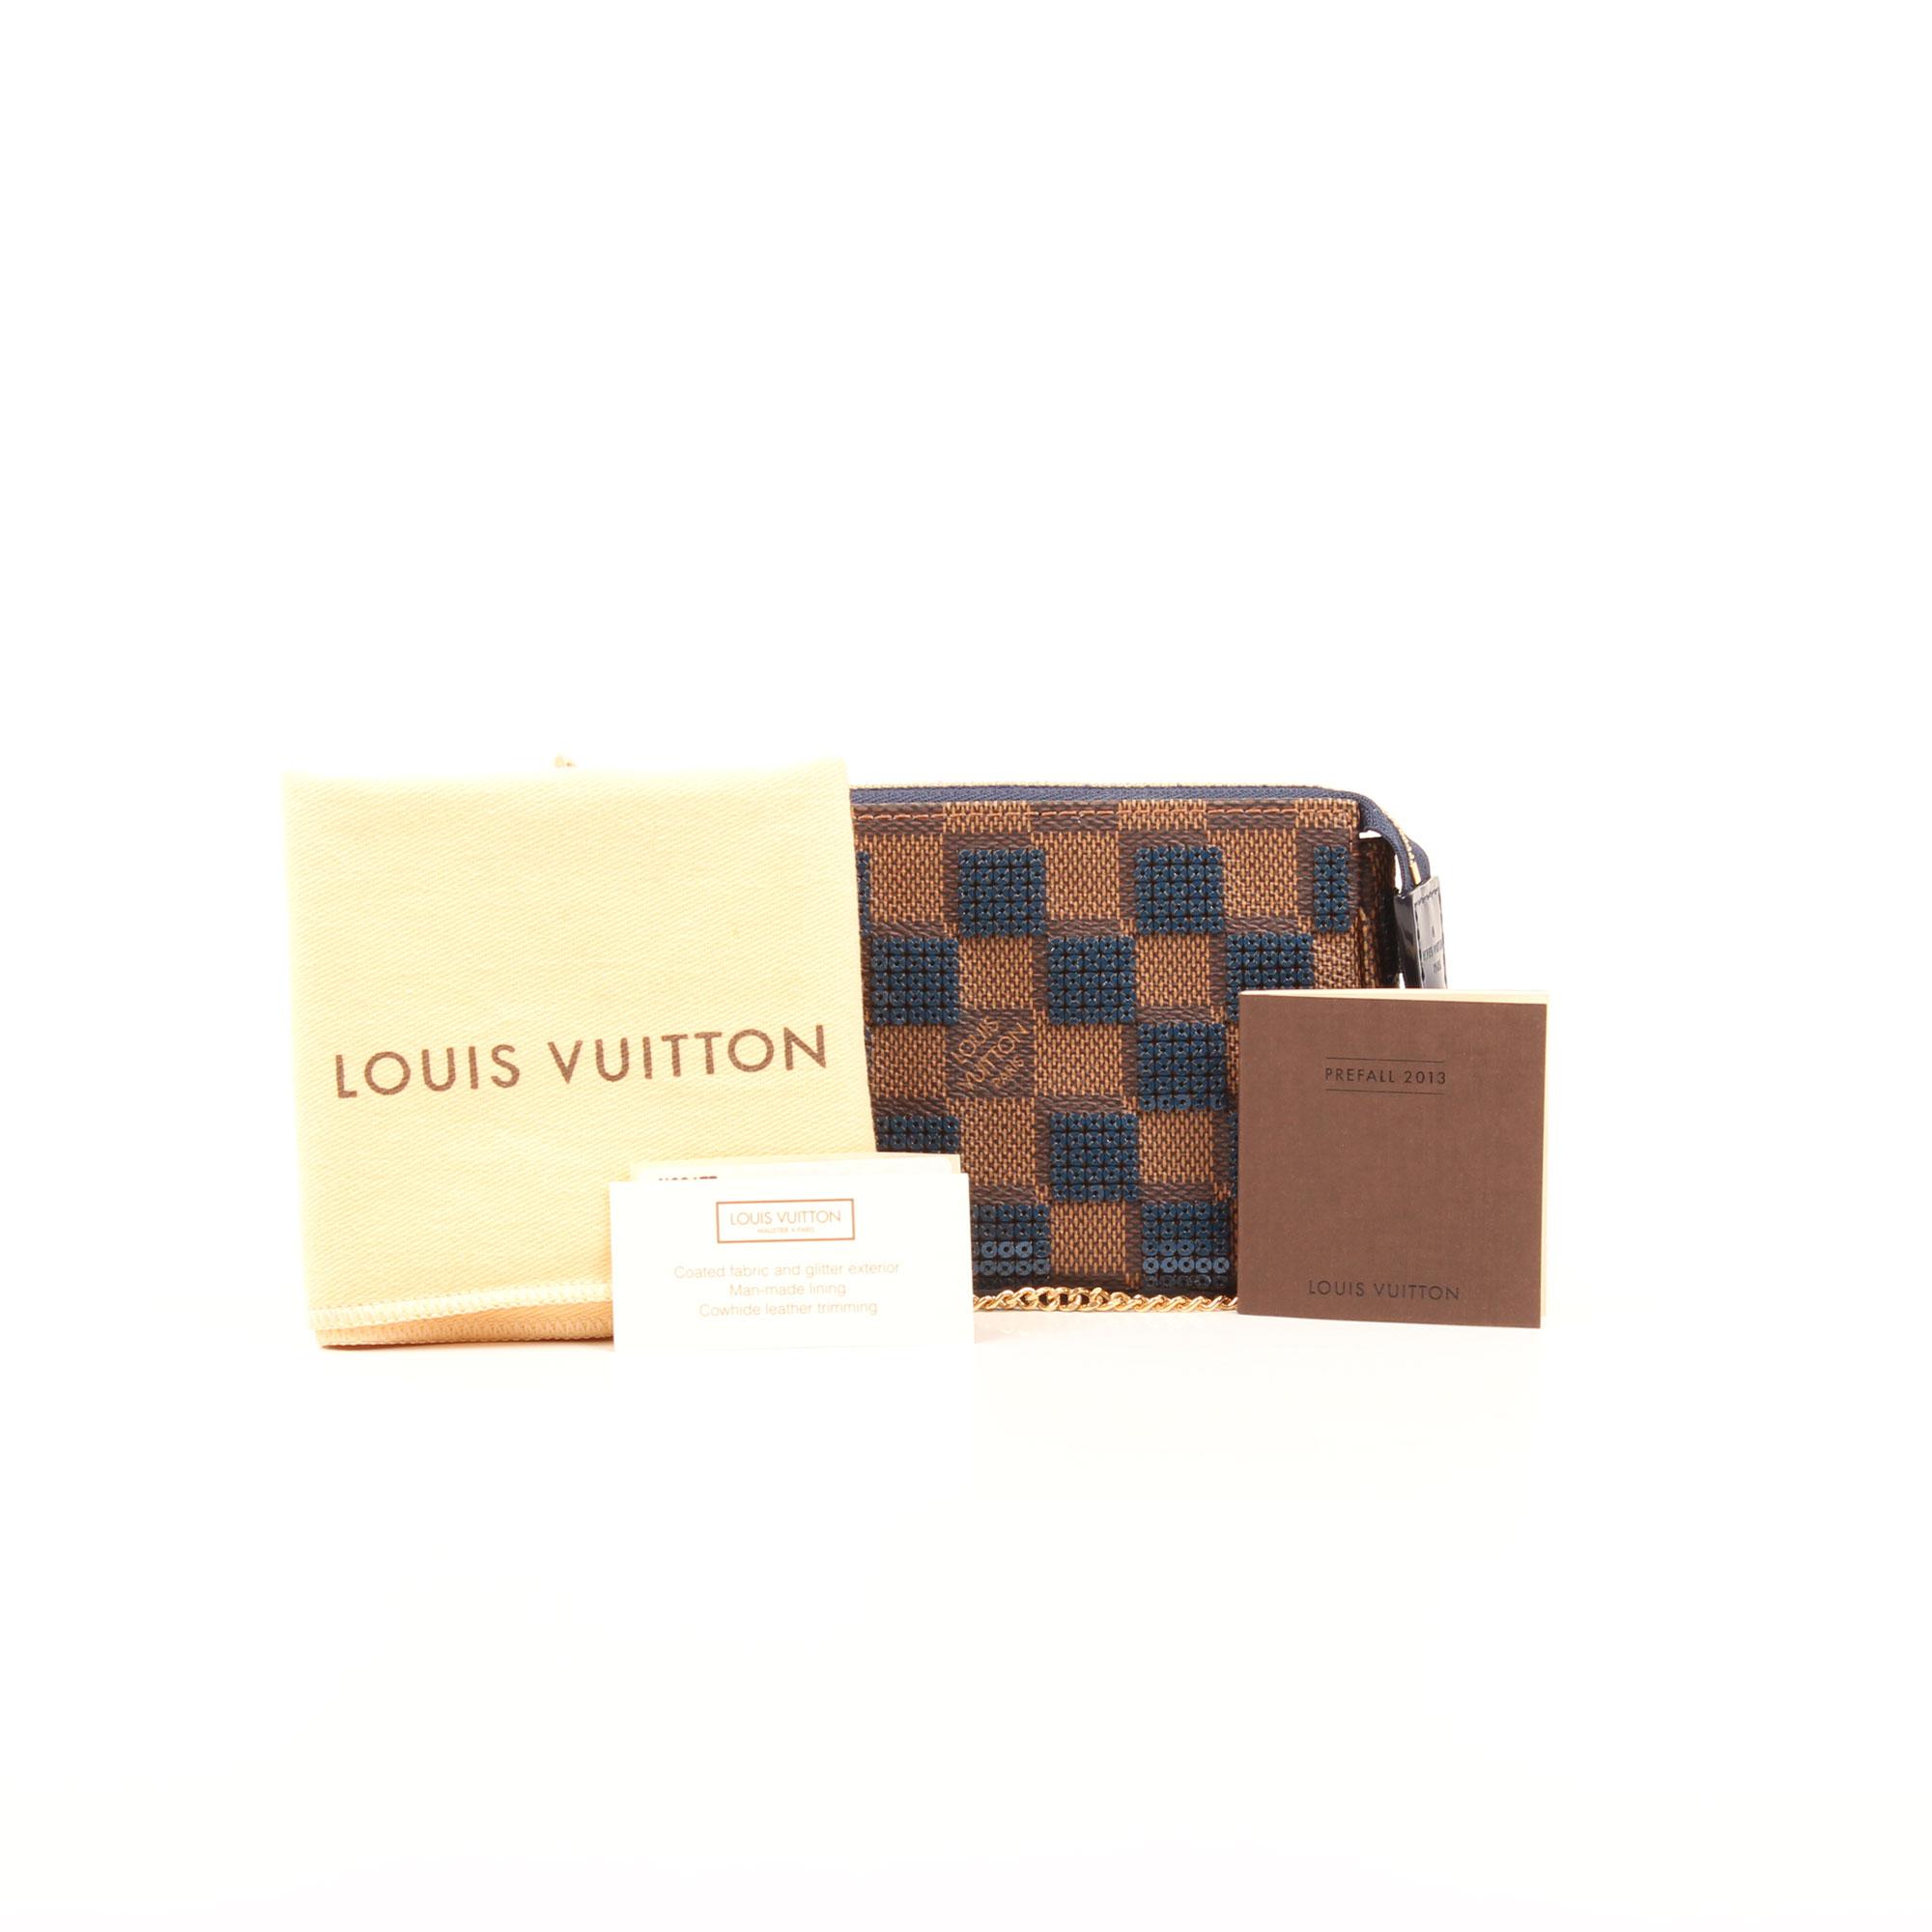 Imagen del dustbag y extras de la pochette louis vuitton damier paillettes mini accessories